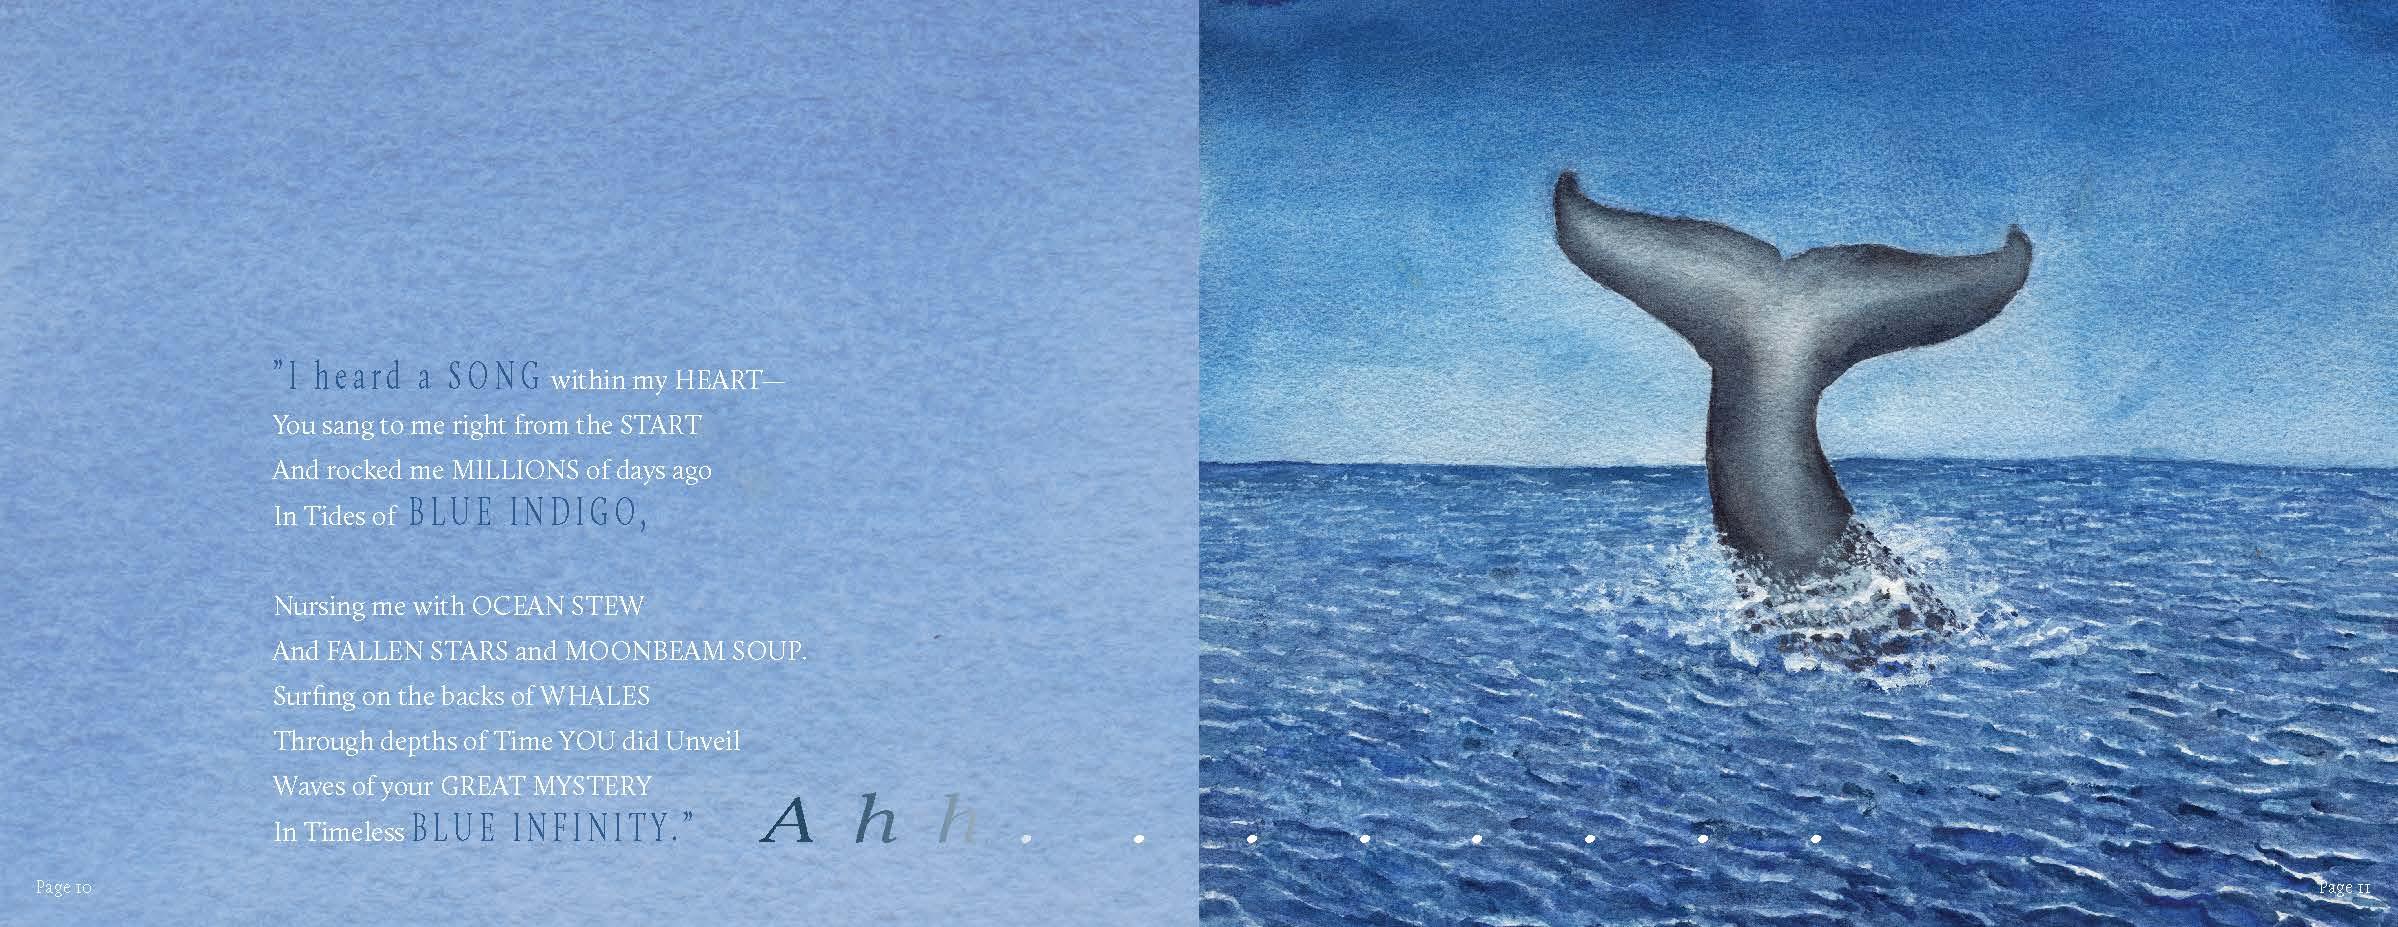 Sea Saw v7 Spreads Print_Page_06.jpg